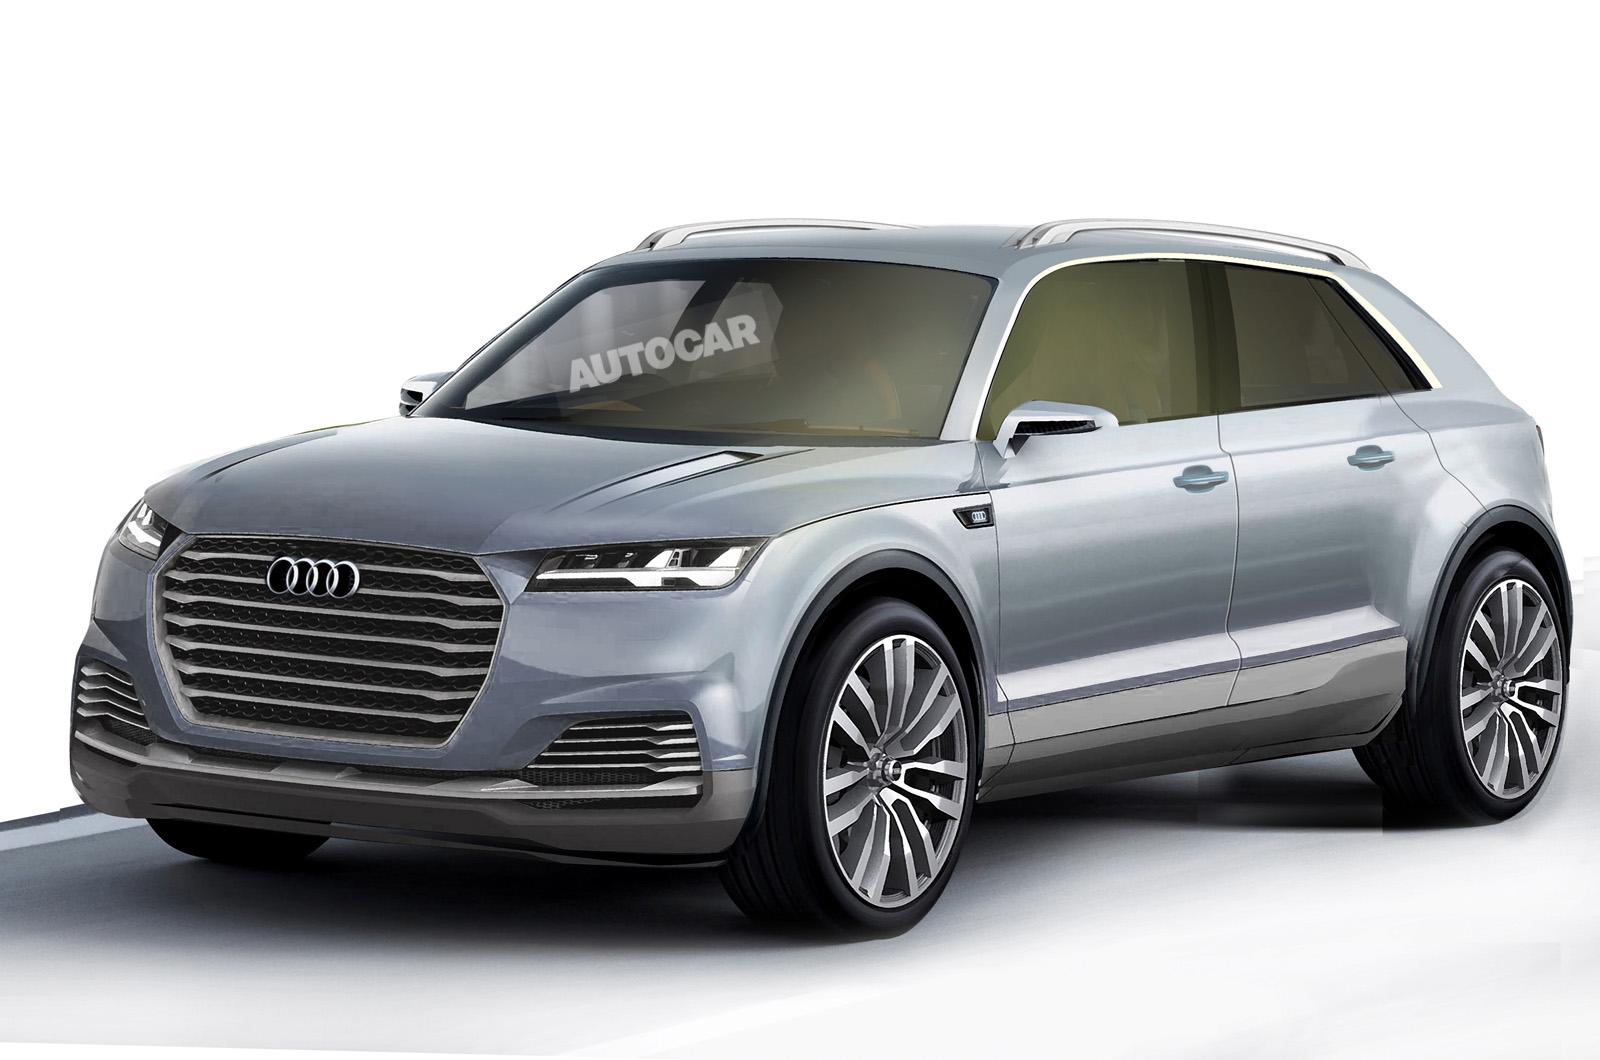 2018 - [Audi] Q8 - Page 2 Q8%20option%203_0